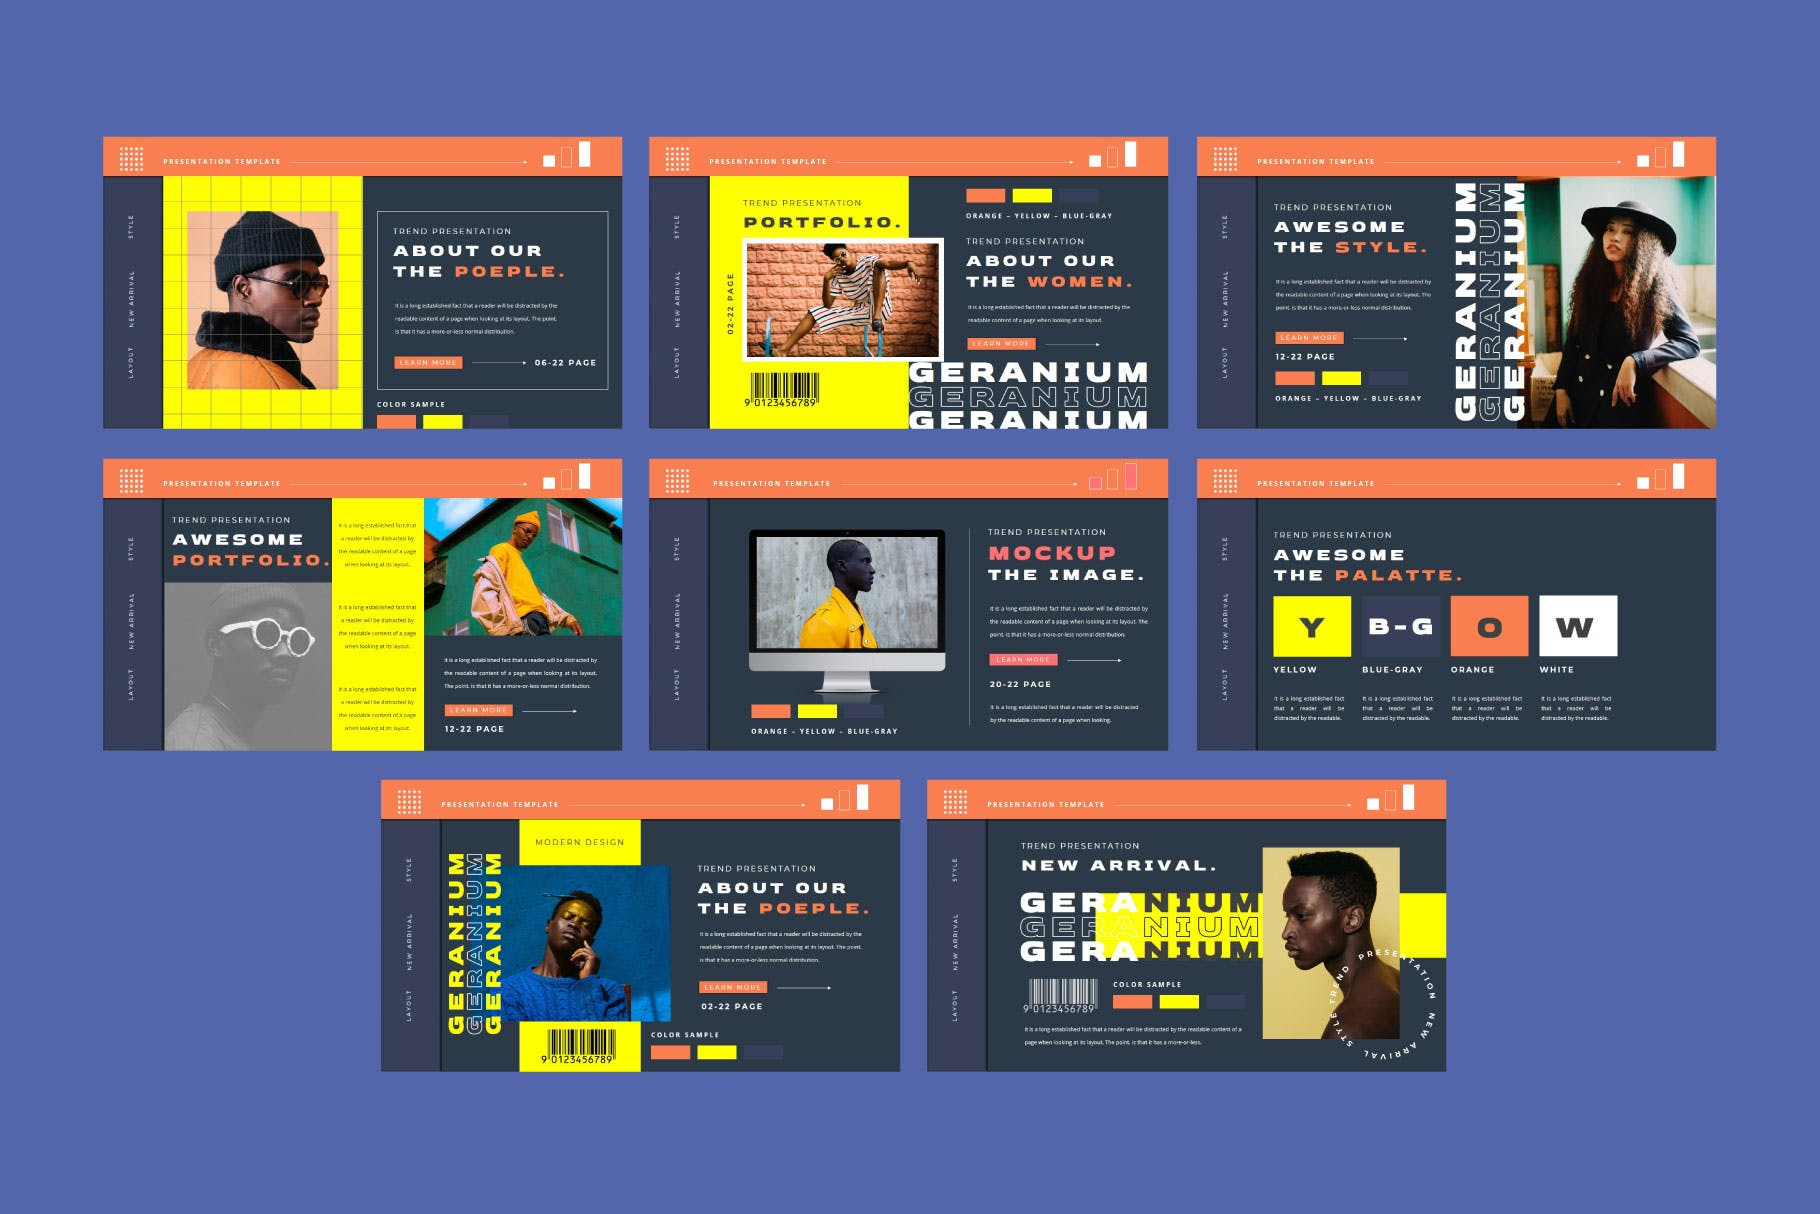 潮流品牌营销提案简报作品集设计模板 GERANIUM Powerpoint Template插图8